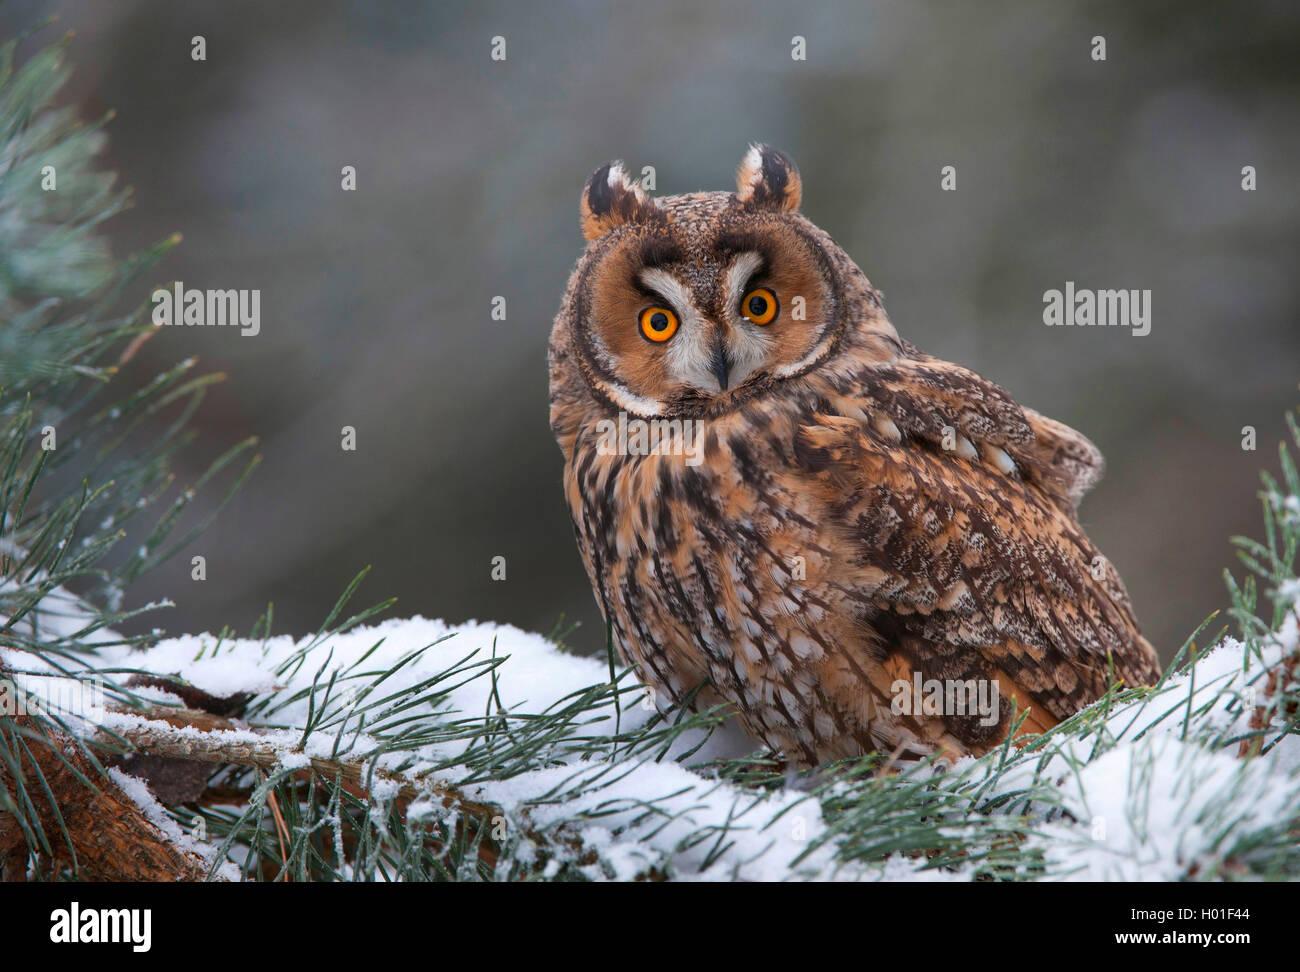 Waldohreule (Asio Otus), die Waldohr-Eule Sitzt Auf Einem Schneebedecktem Nadelbaumast, Deutschland, Bayern | Waldohreule Stockbild